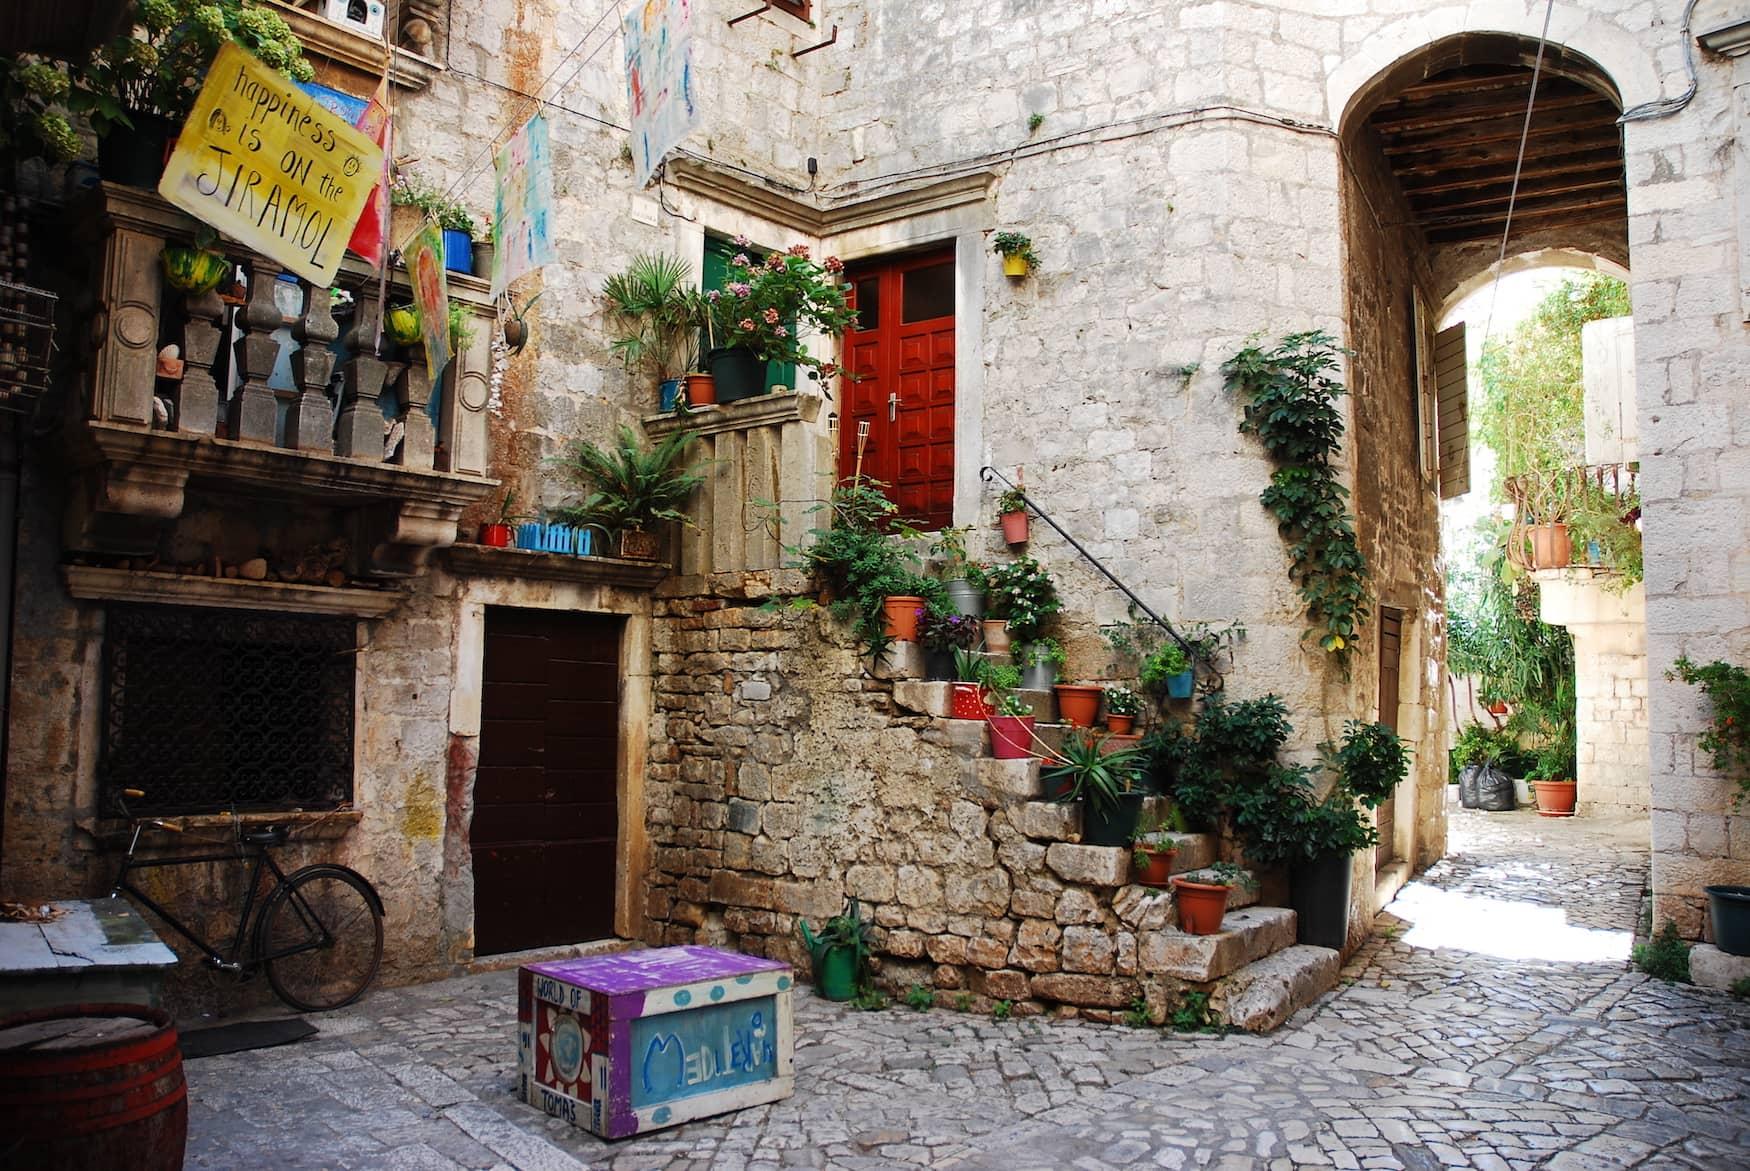 Gassen in Trogir, Kroatien